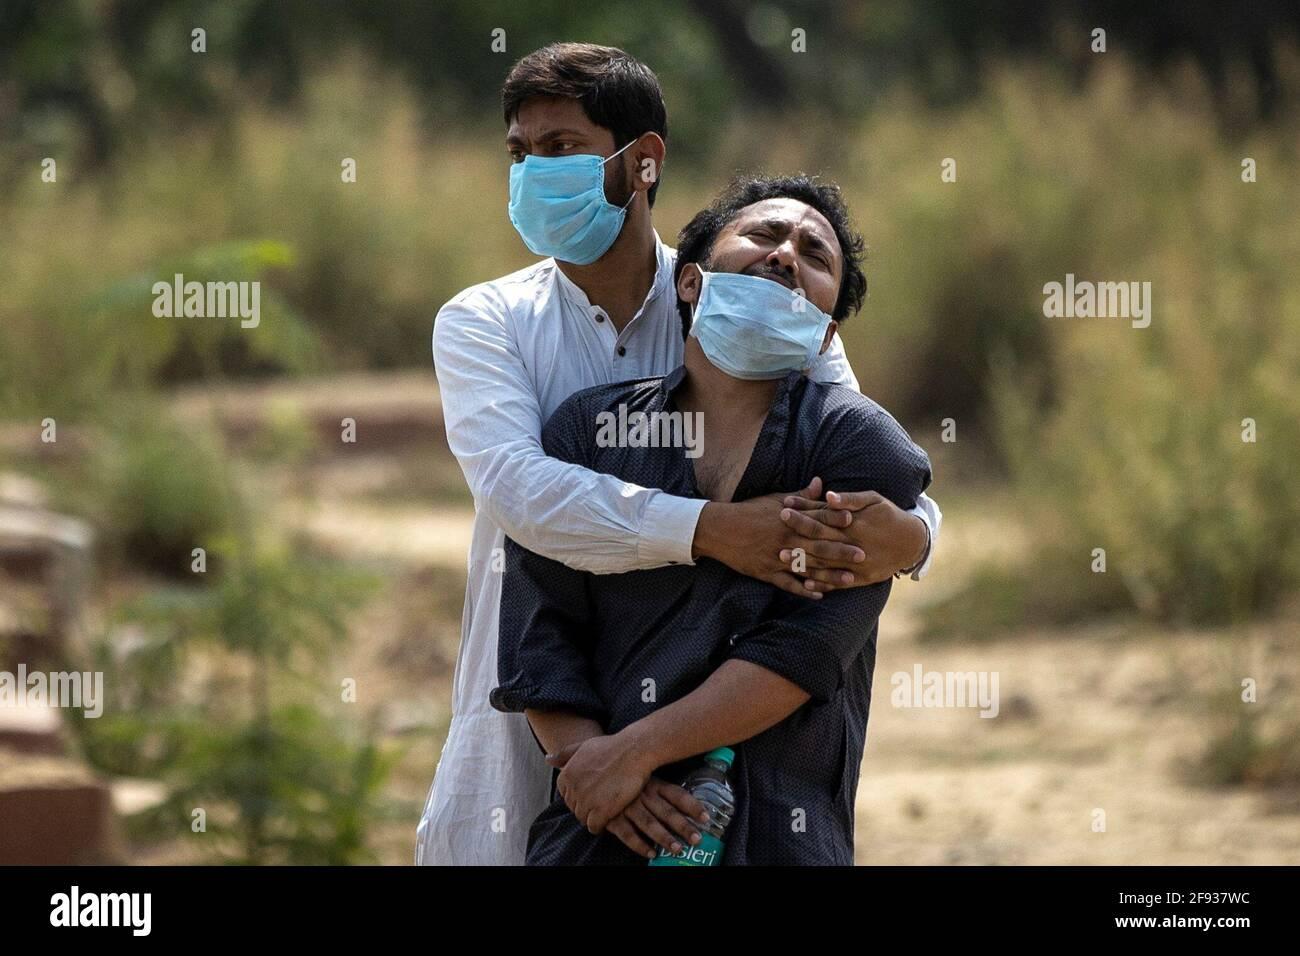 Un homme est consolé par son parent comme il voit le corps de son père, qui est mort de la maladie du coronavirus (COVID-19), avant son enterrement dans un cimetière à New Delhi, Inde, le 16 avril 2021. REUTERS/Siddiqui danois Banque D'Images